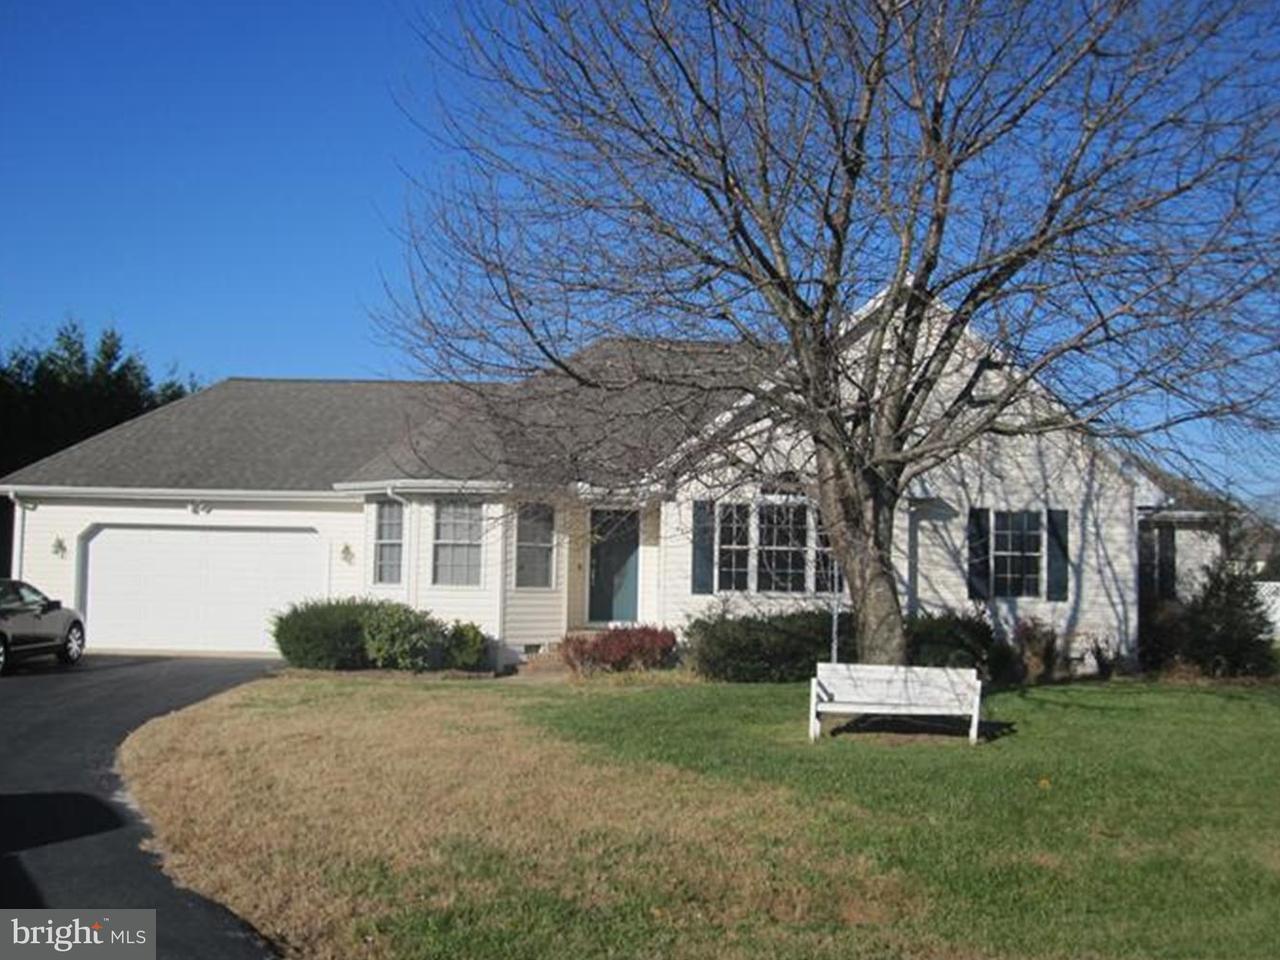 独户住宅 为 销售 在 315 COUNTRY Place 米尔斯伯勒, 特拉华州 19966 美国